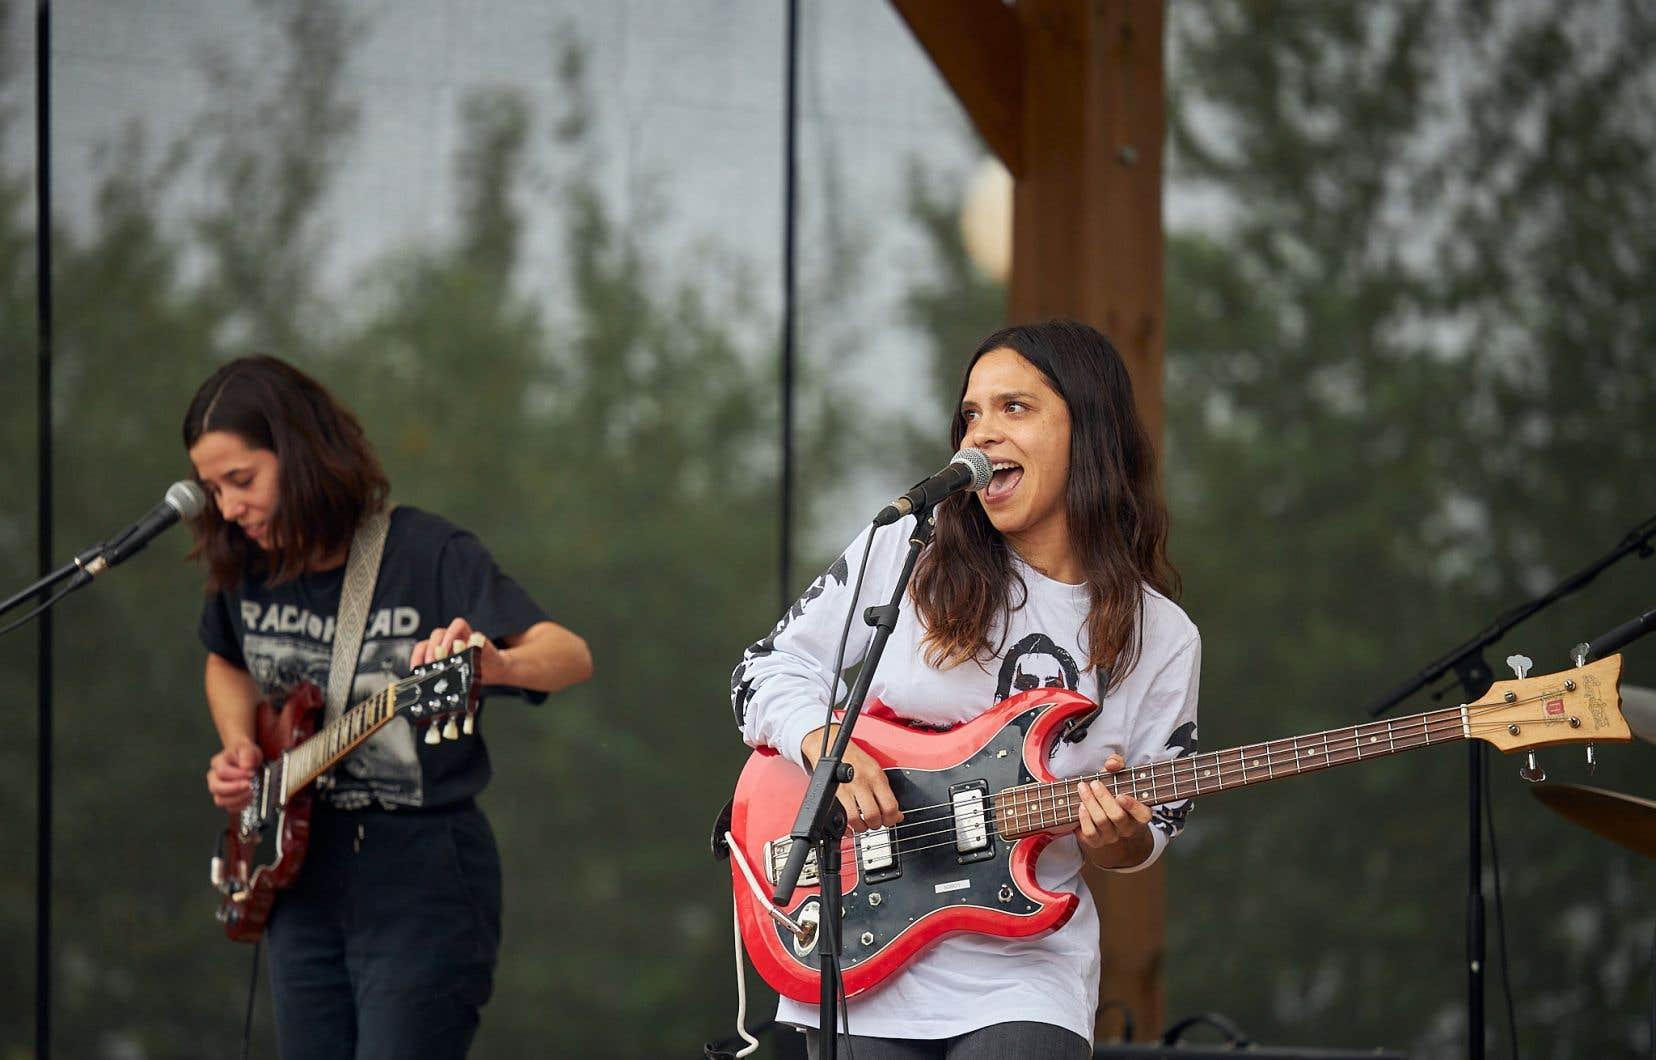 Les filles de NOBRO ont donné le coup d'envoi de la nouvelle édition du Festival de musique émergente ne ressemblant à aucune des dix-sept précédentes.